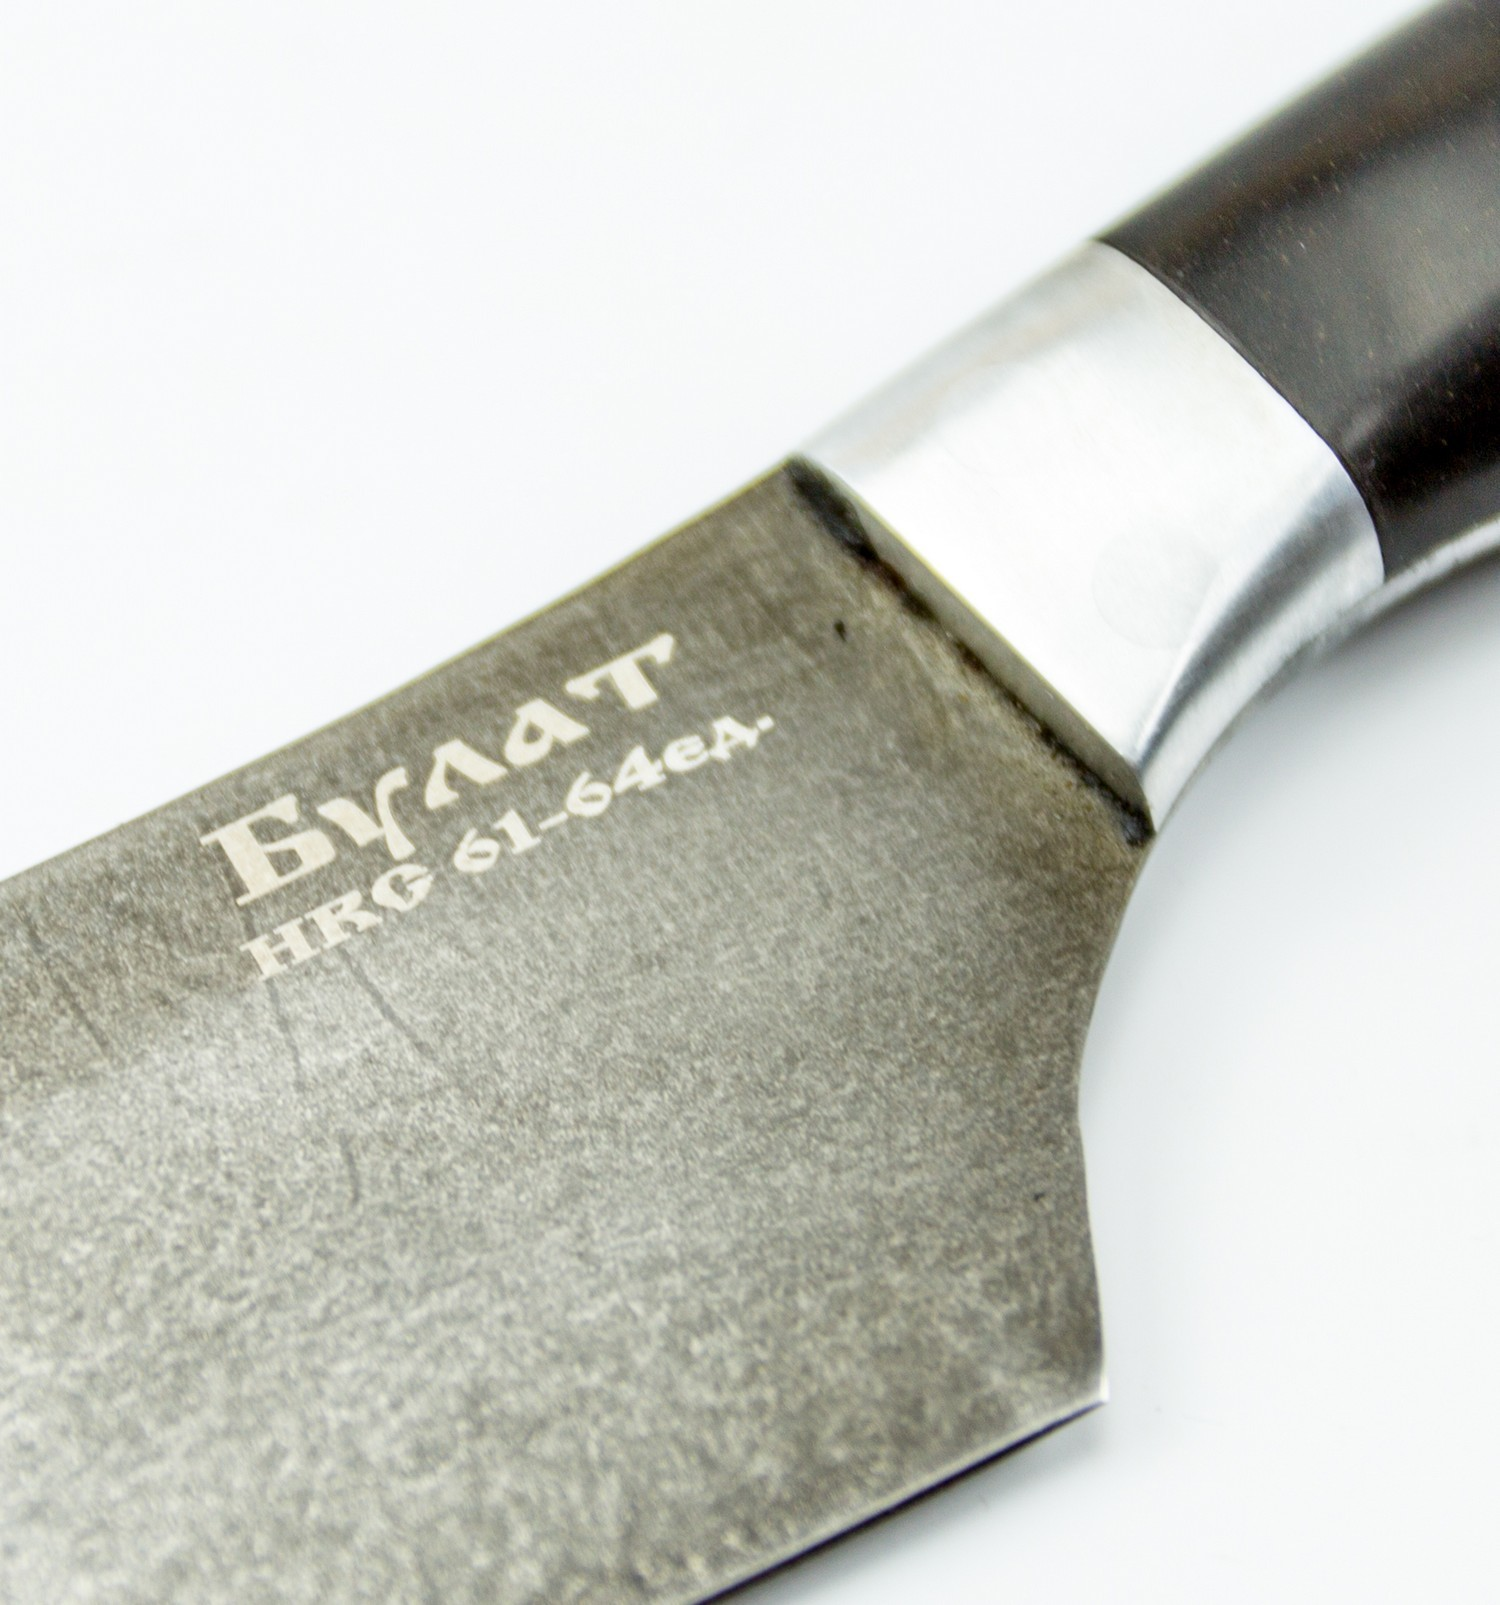 Фото 3 - Нож Кулинар средний, булатная сталь от Кузница Коваль